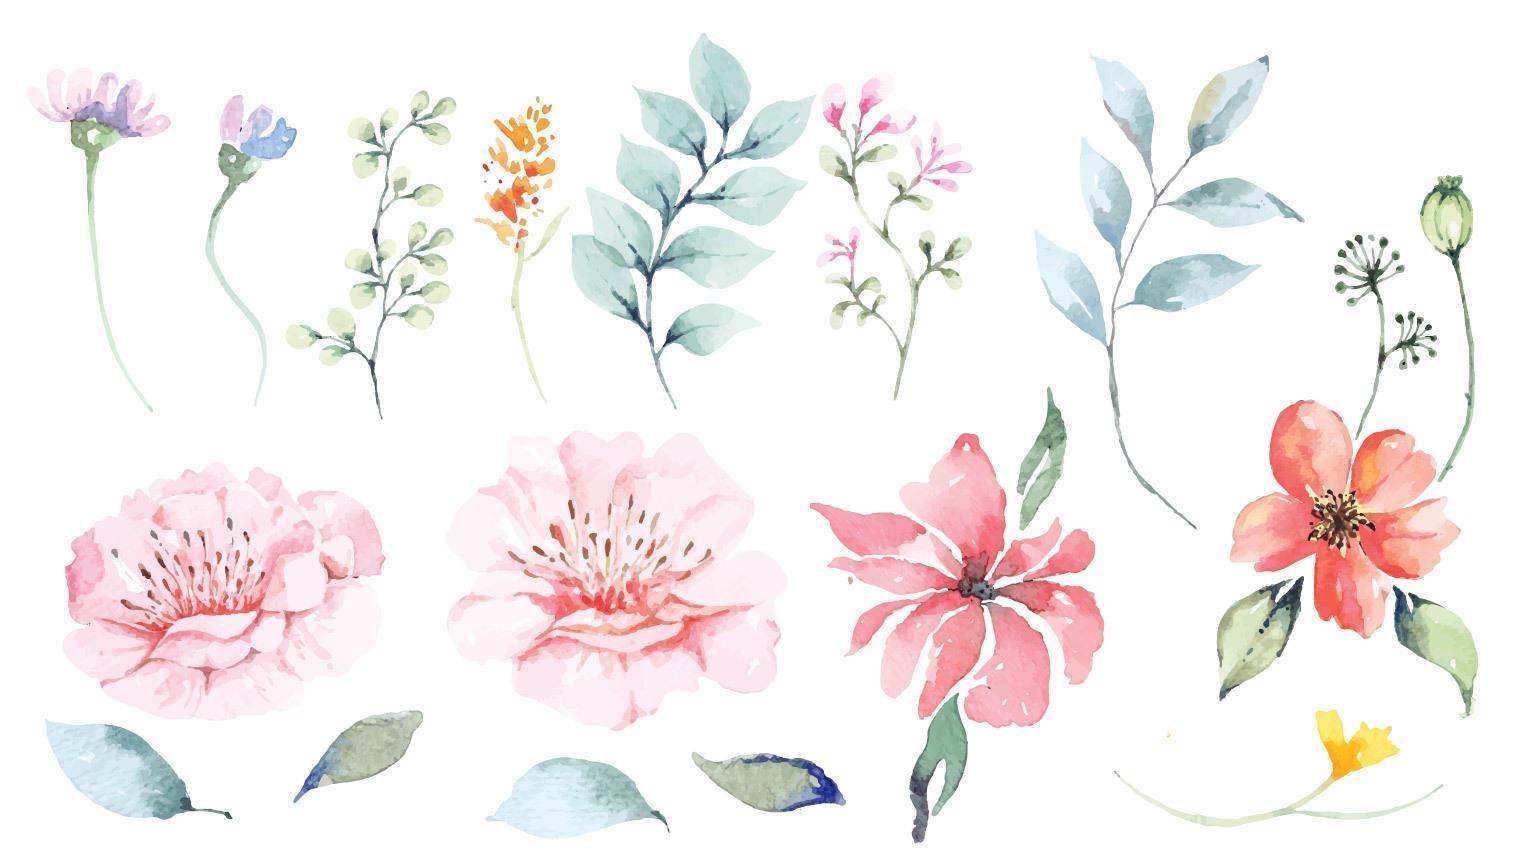 ensemble de pétales de fleurs et conception aquarelle fleur vecteur